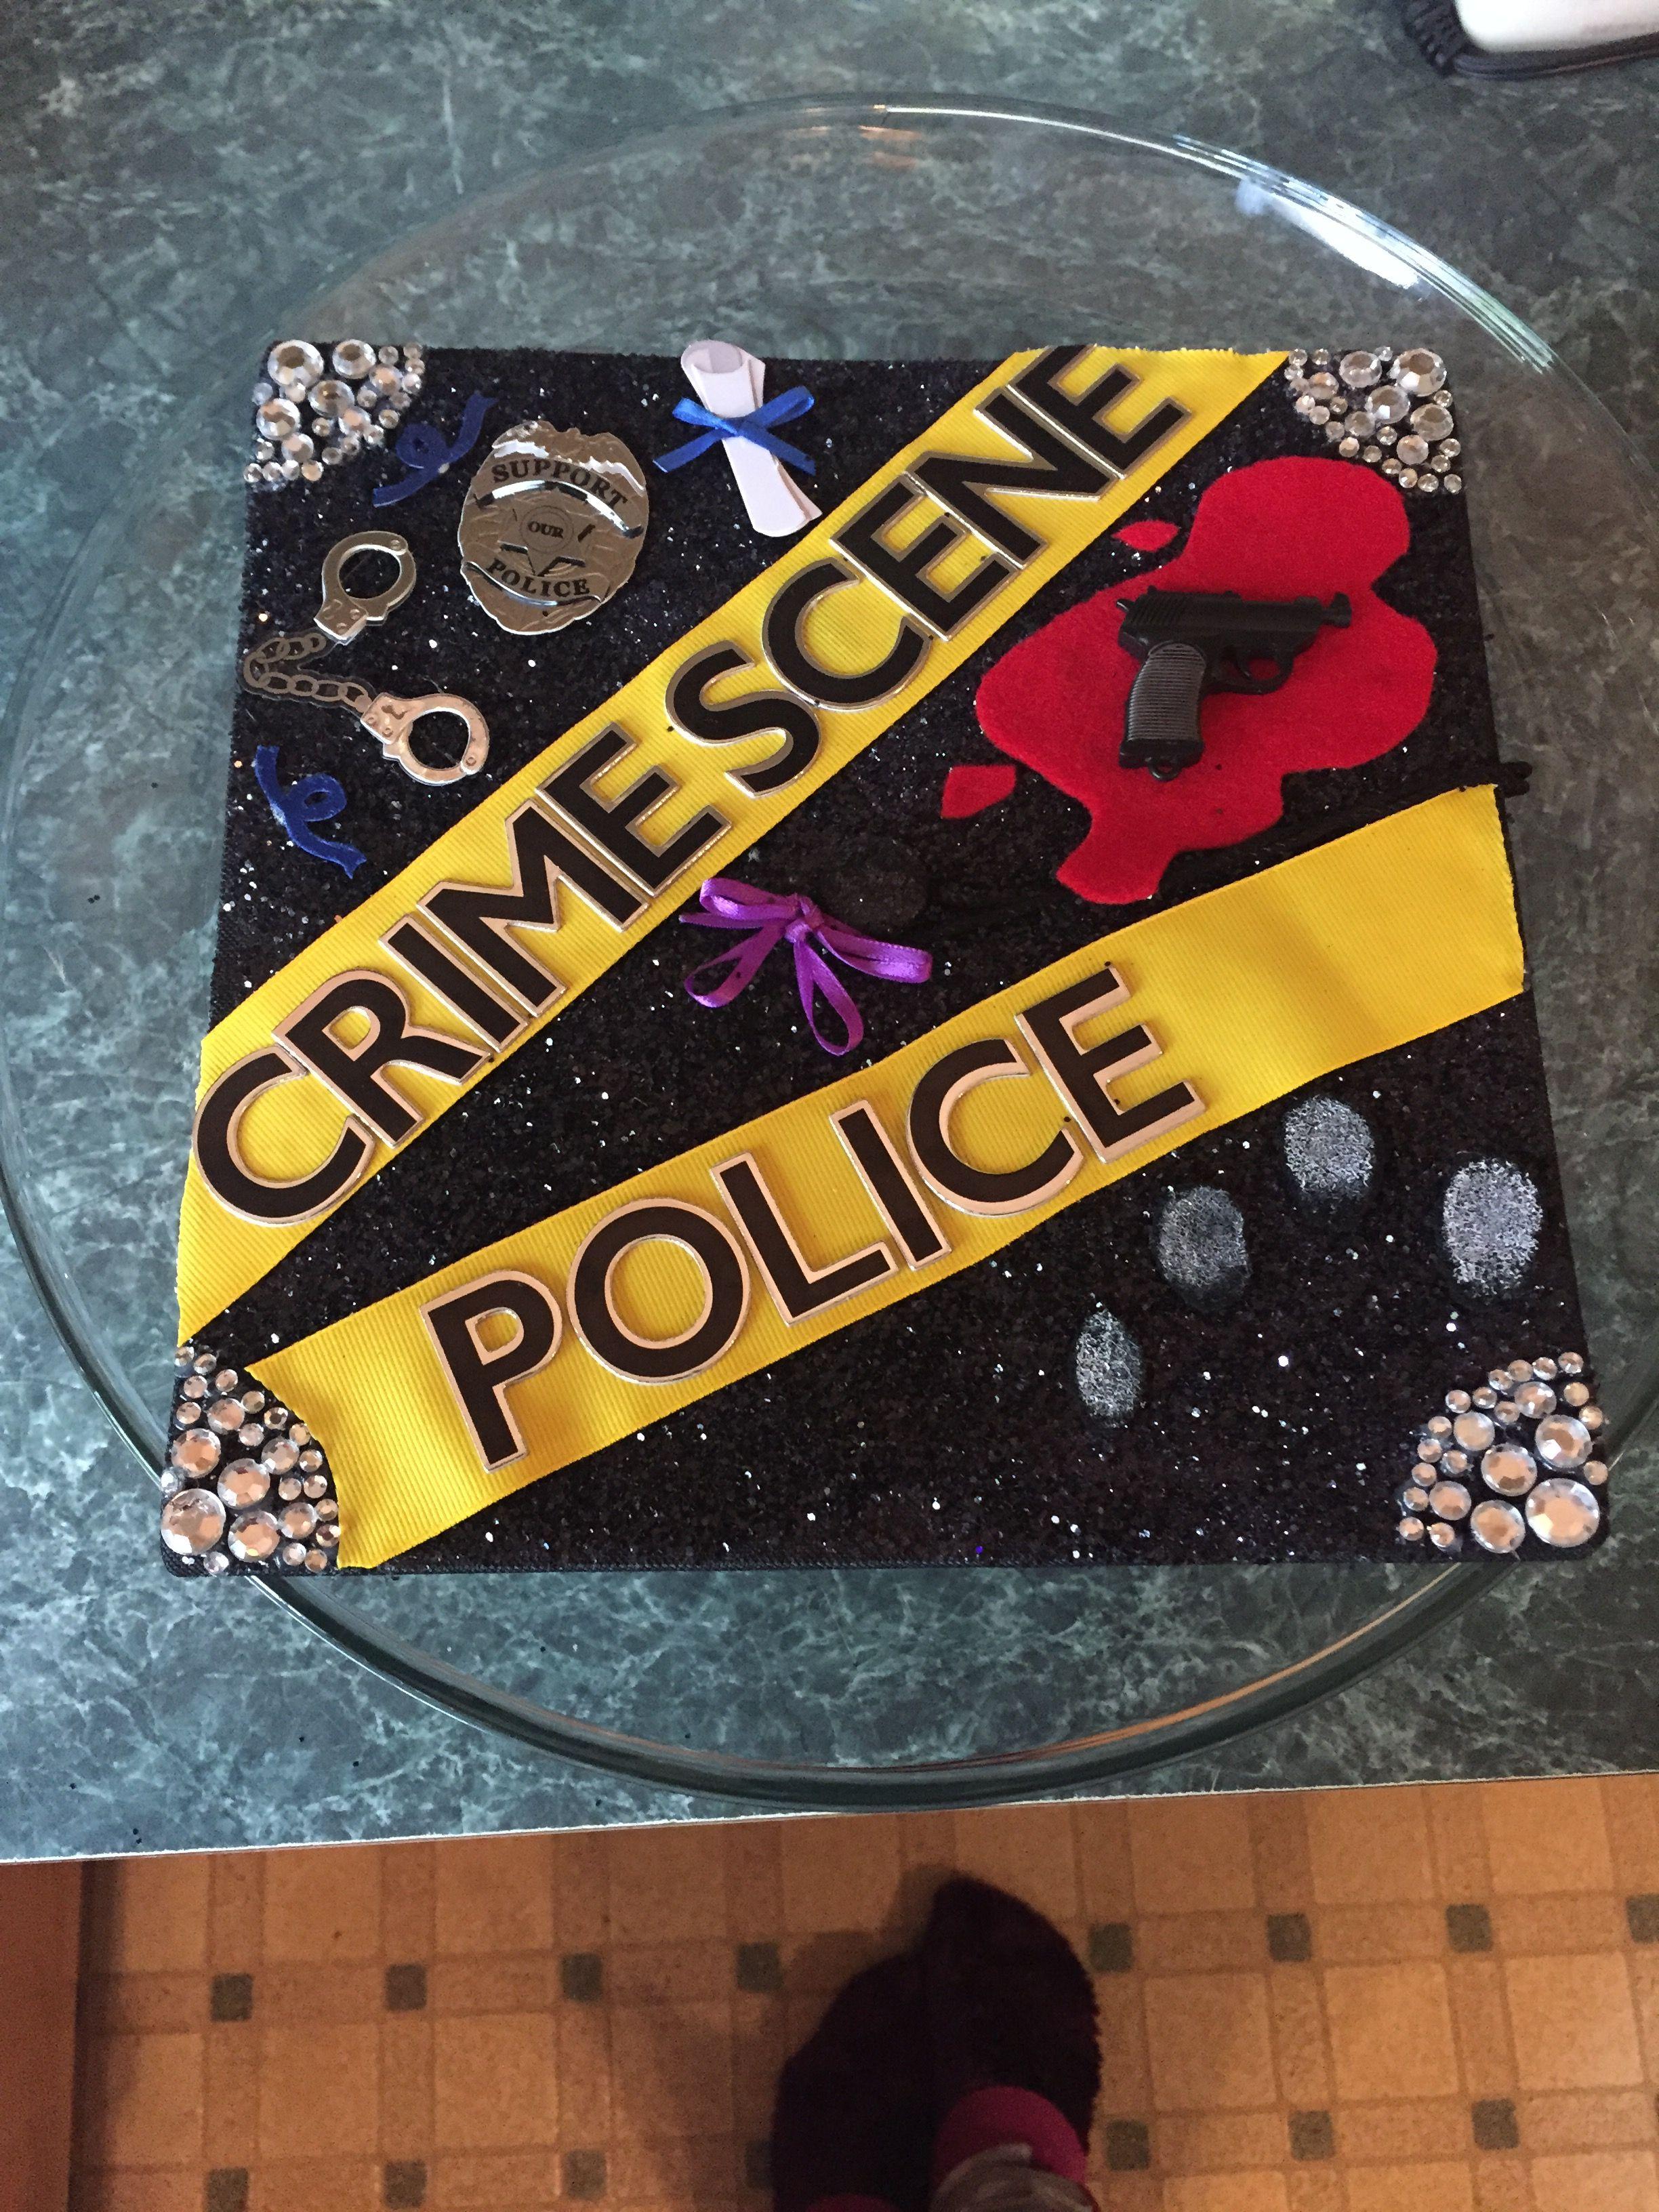 My Grad Cap For Criminal Justice College Graduation Cap Decoration High School Graduation Cap Graduation Cap Decoration